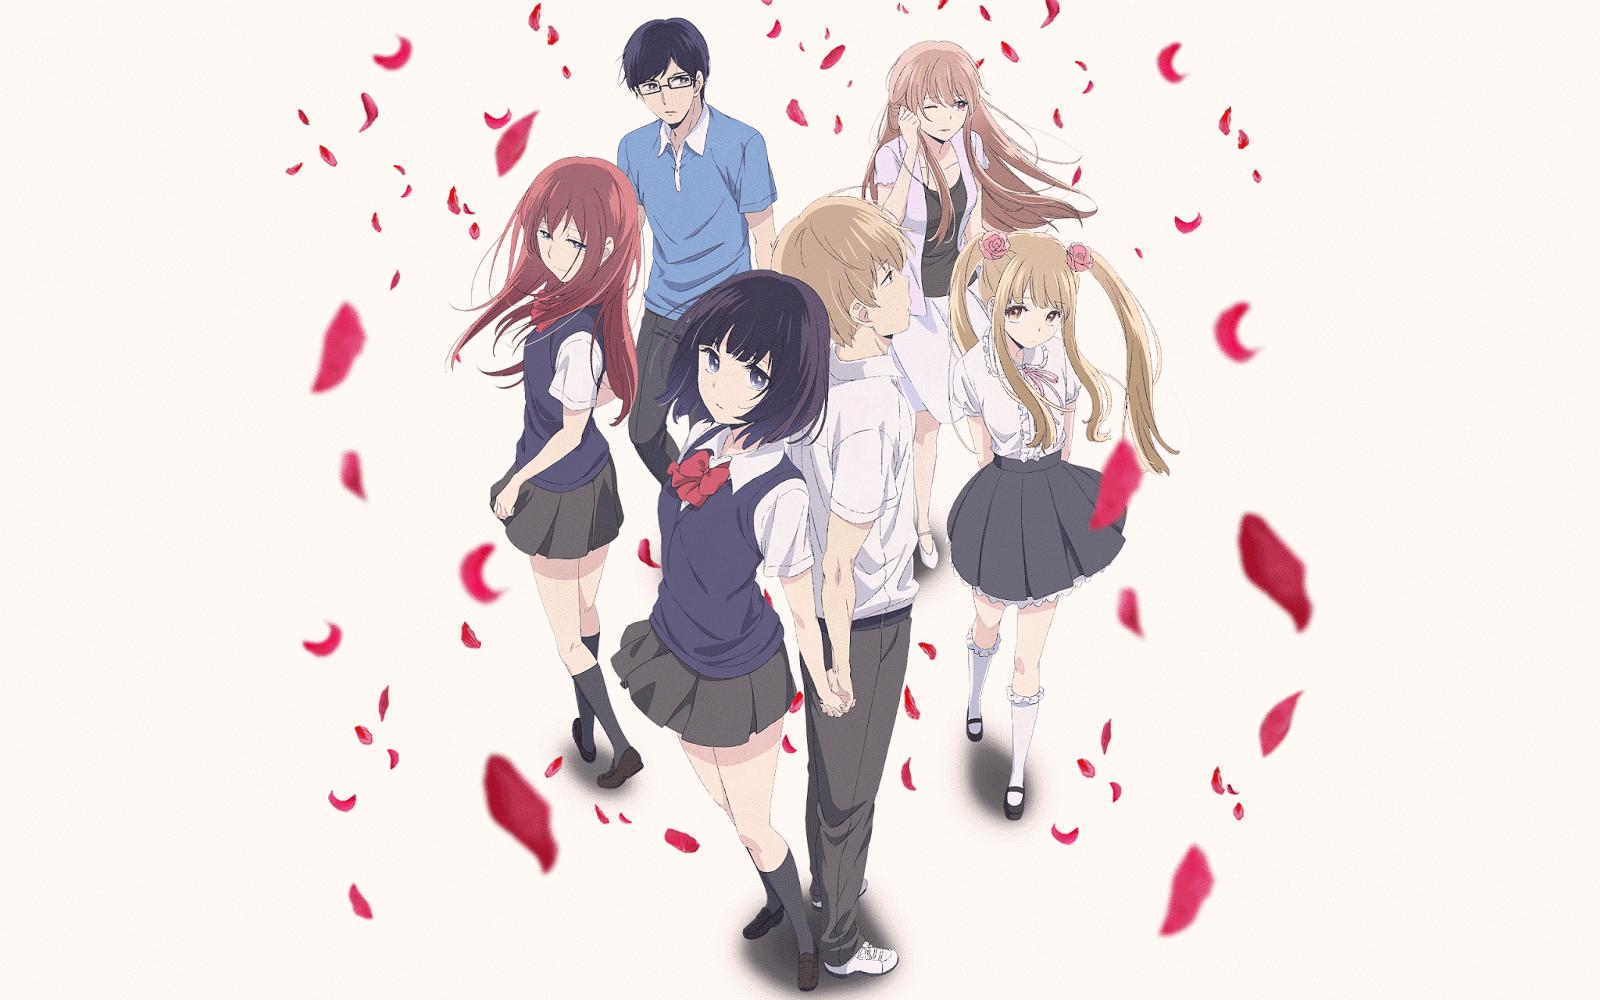 Kuzu no Honkai Sub Indo : Episode 1-12 END